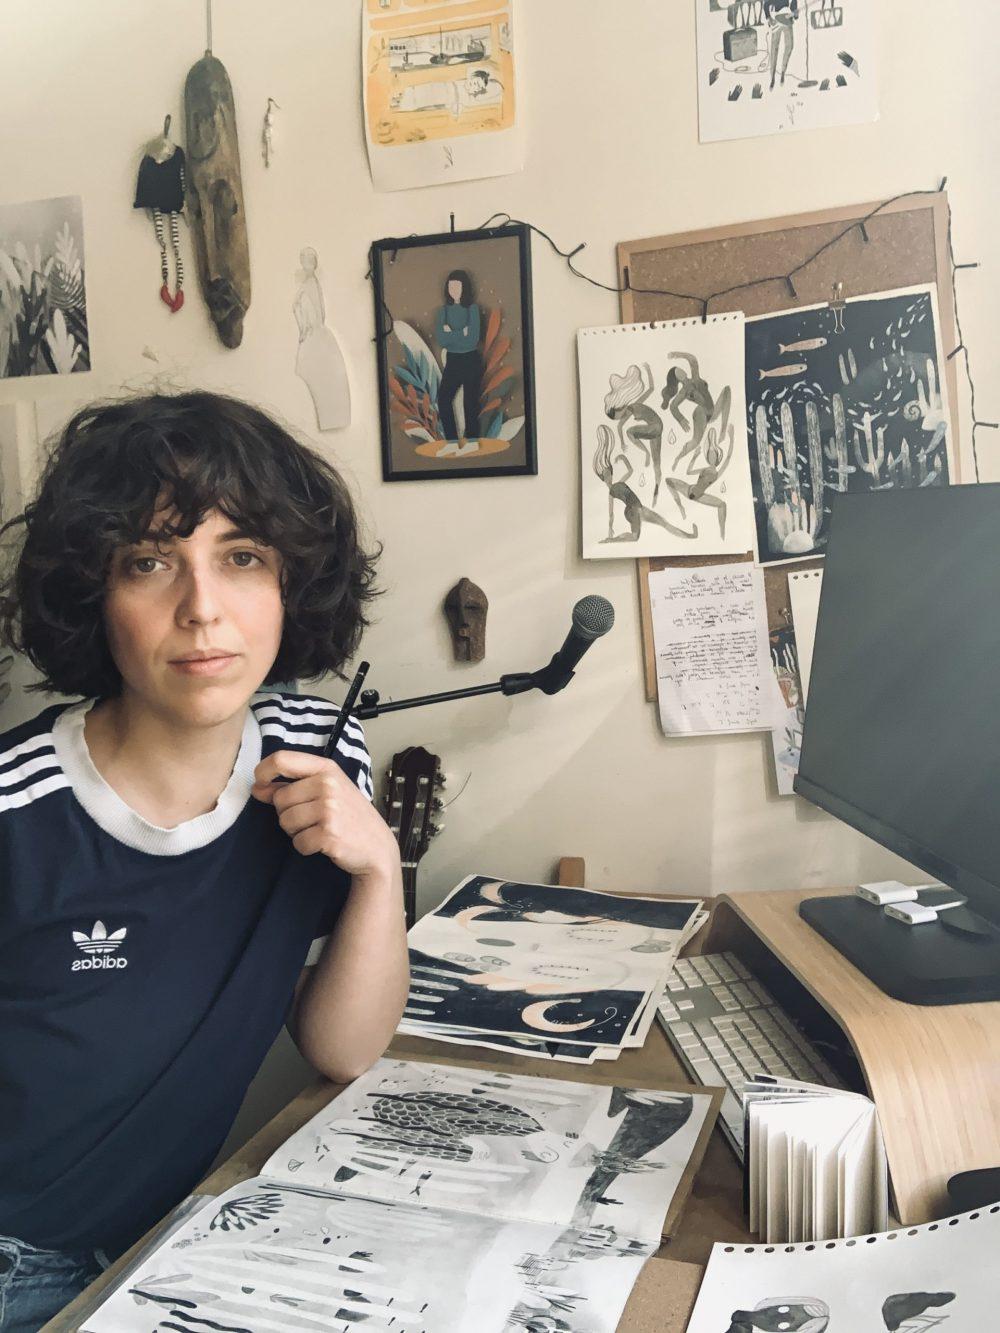 Die Autorin und Illustratorin an ihrem Arbeitstisch